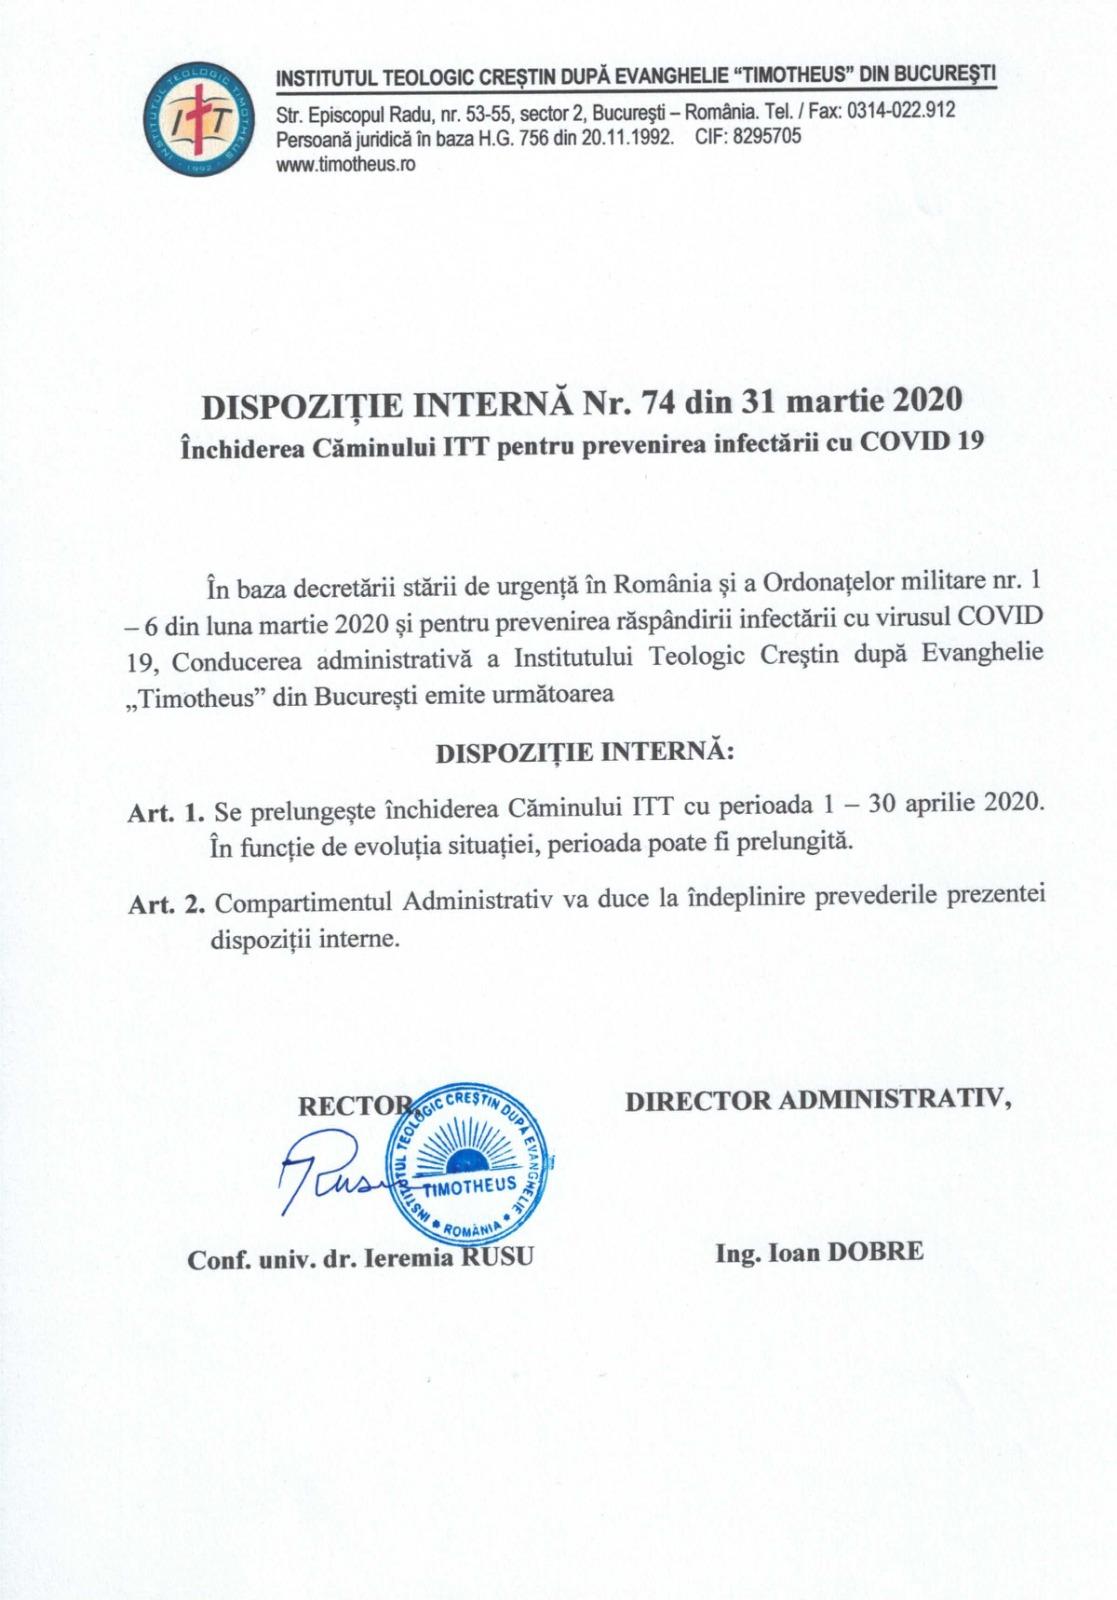 DISPOZITIE INTERNA INCHIDERE CAMIN STUDENTESC ITT PREVENIRE INFECTIE COVID19